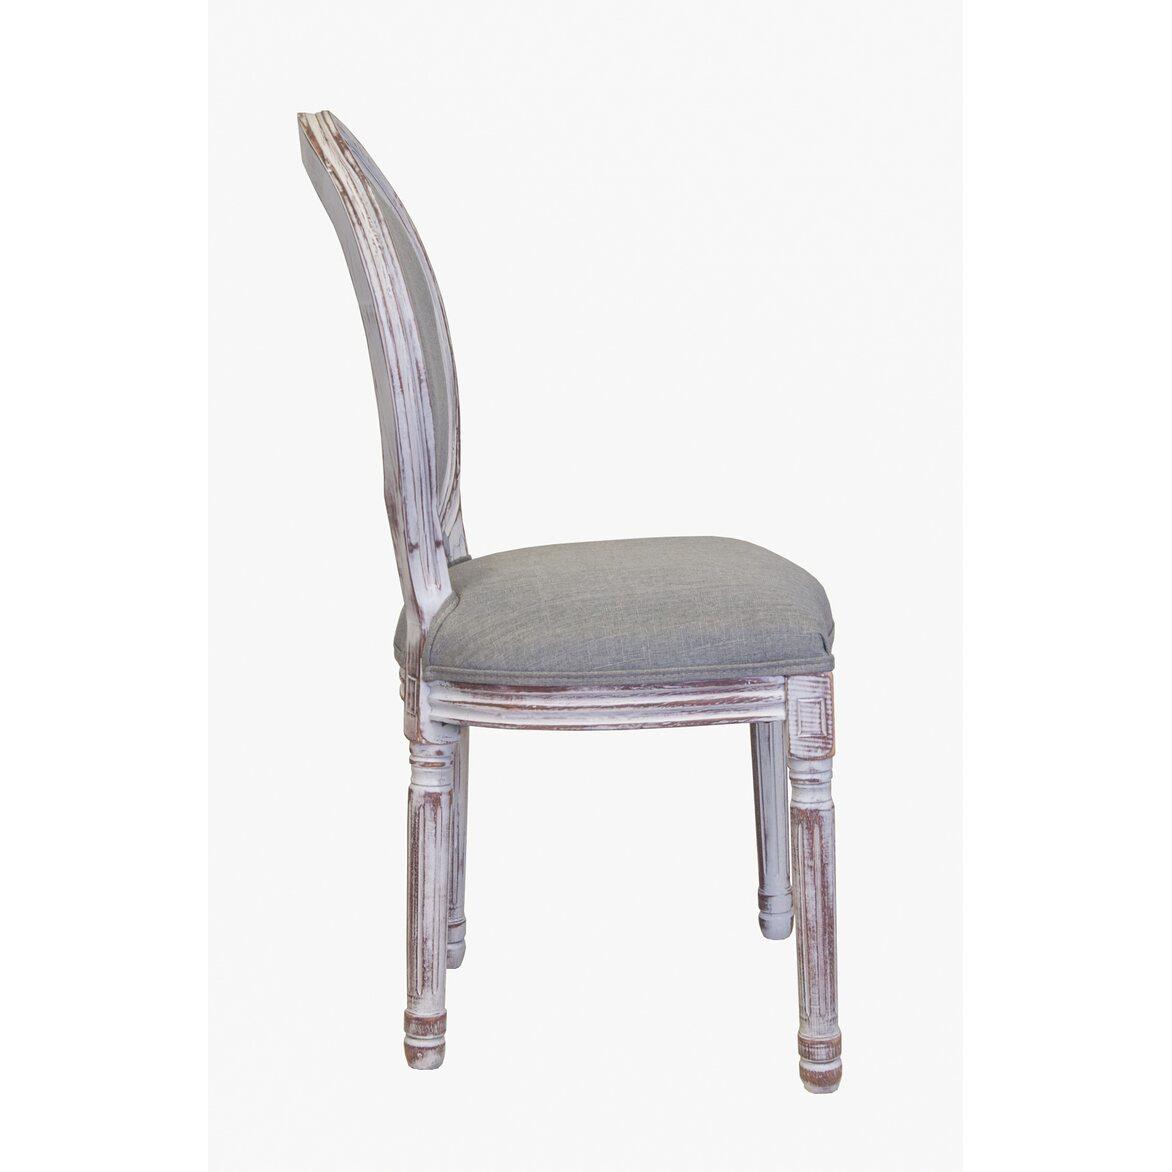 Стул Volker old grey 2 | Обеденные стулья Kingsby